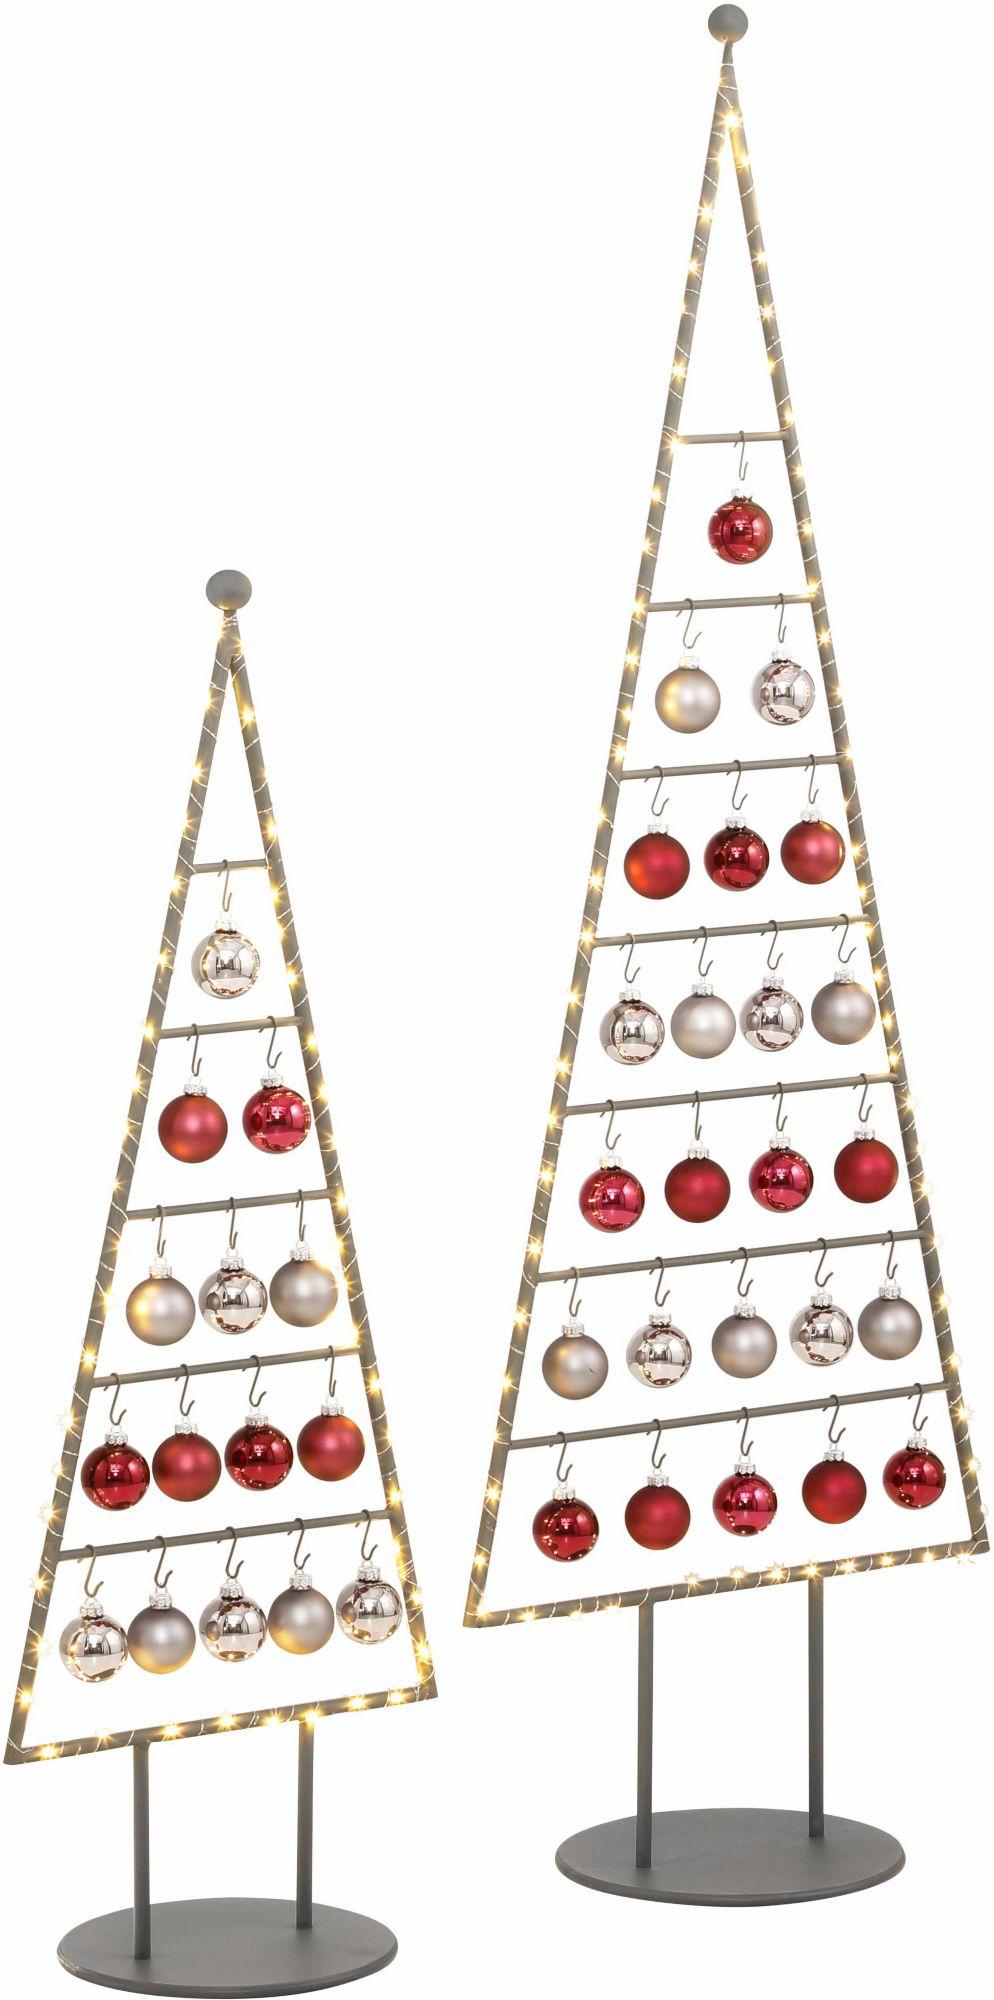 Weihnachtsbaum metall ernstings